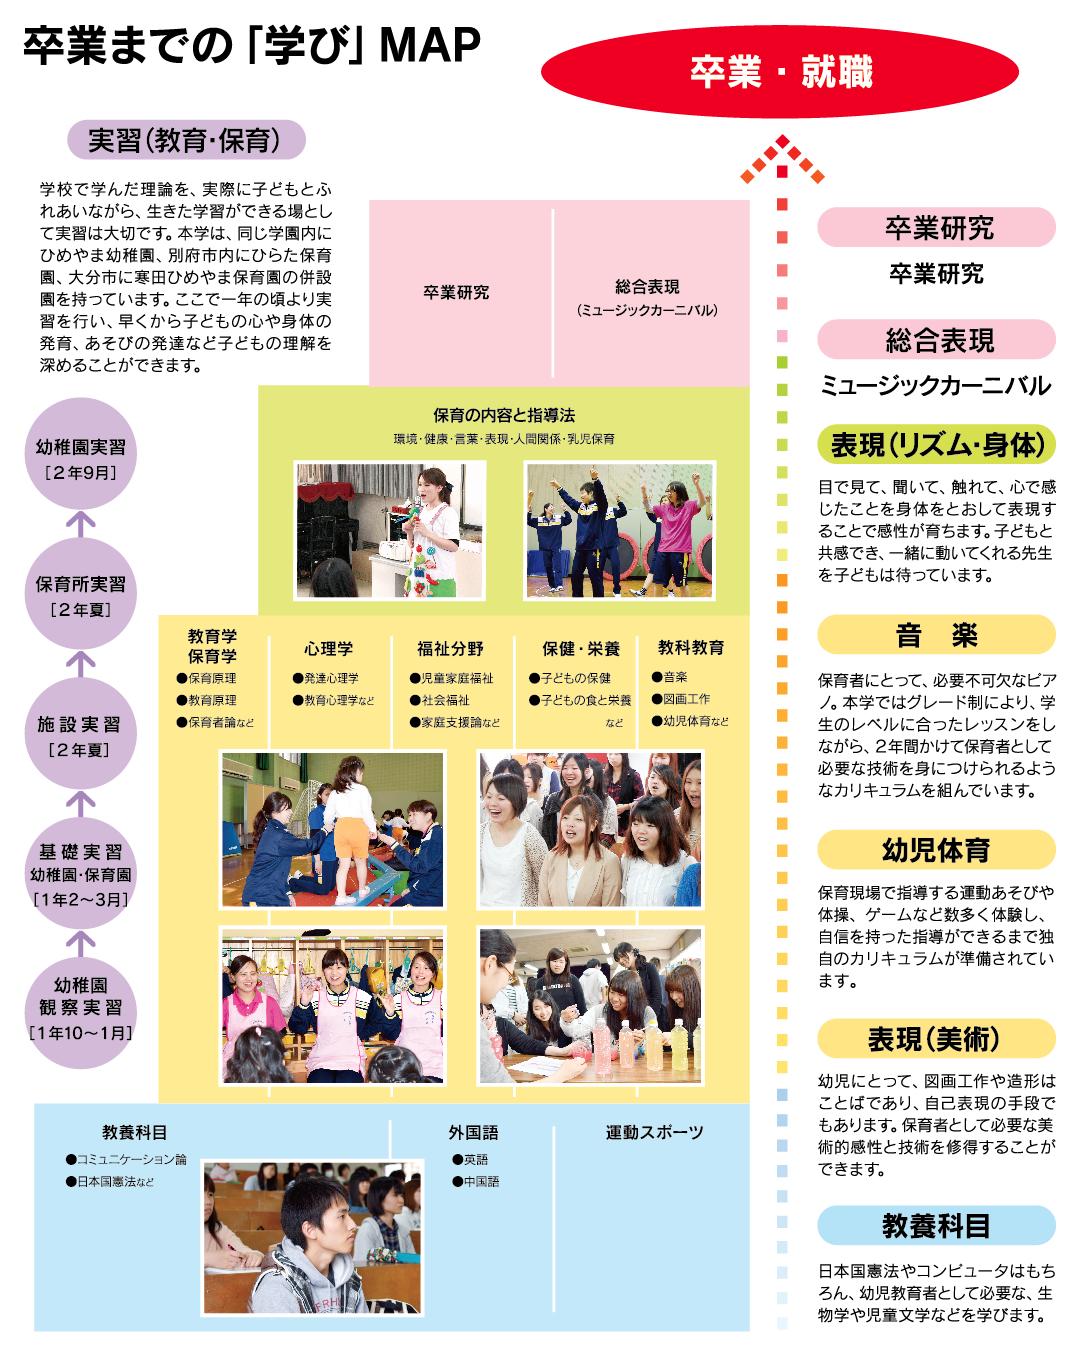 卒業までの「学び」MAP